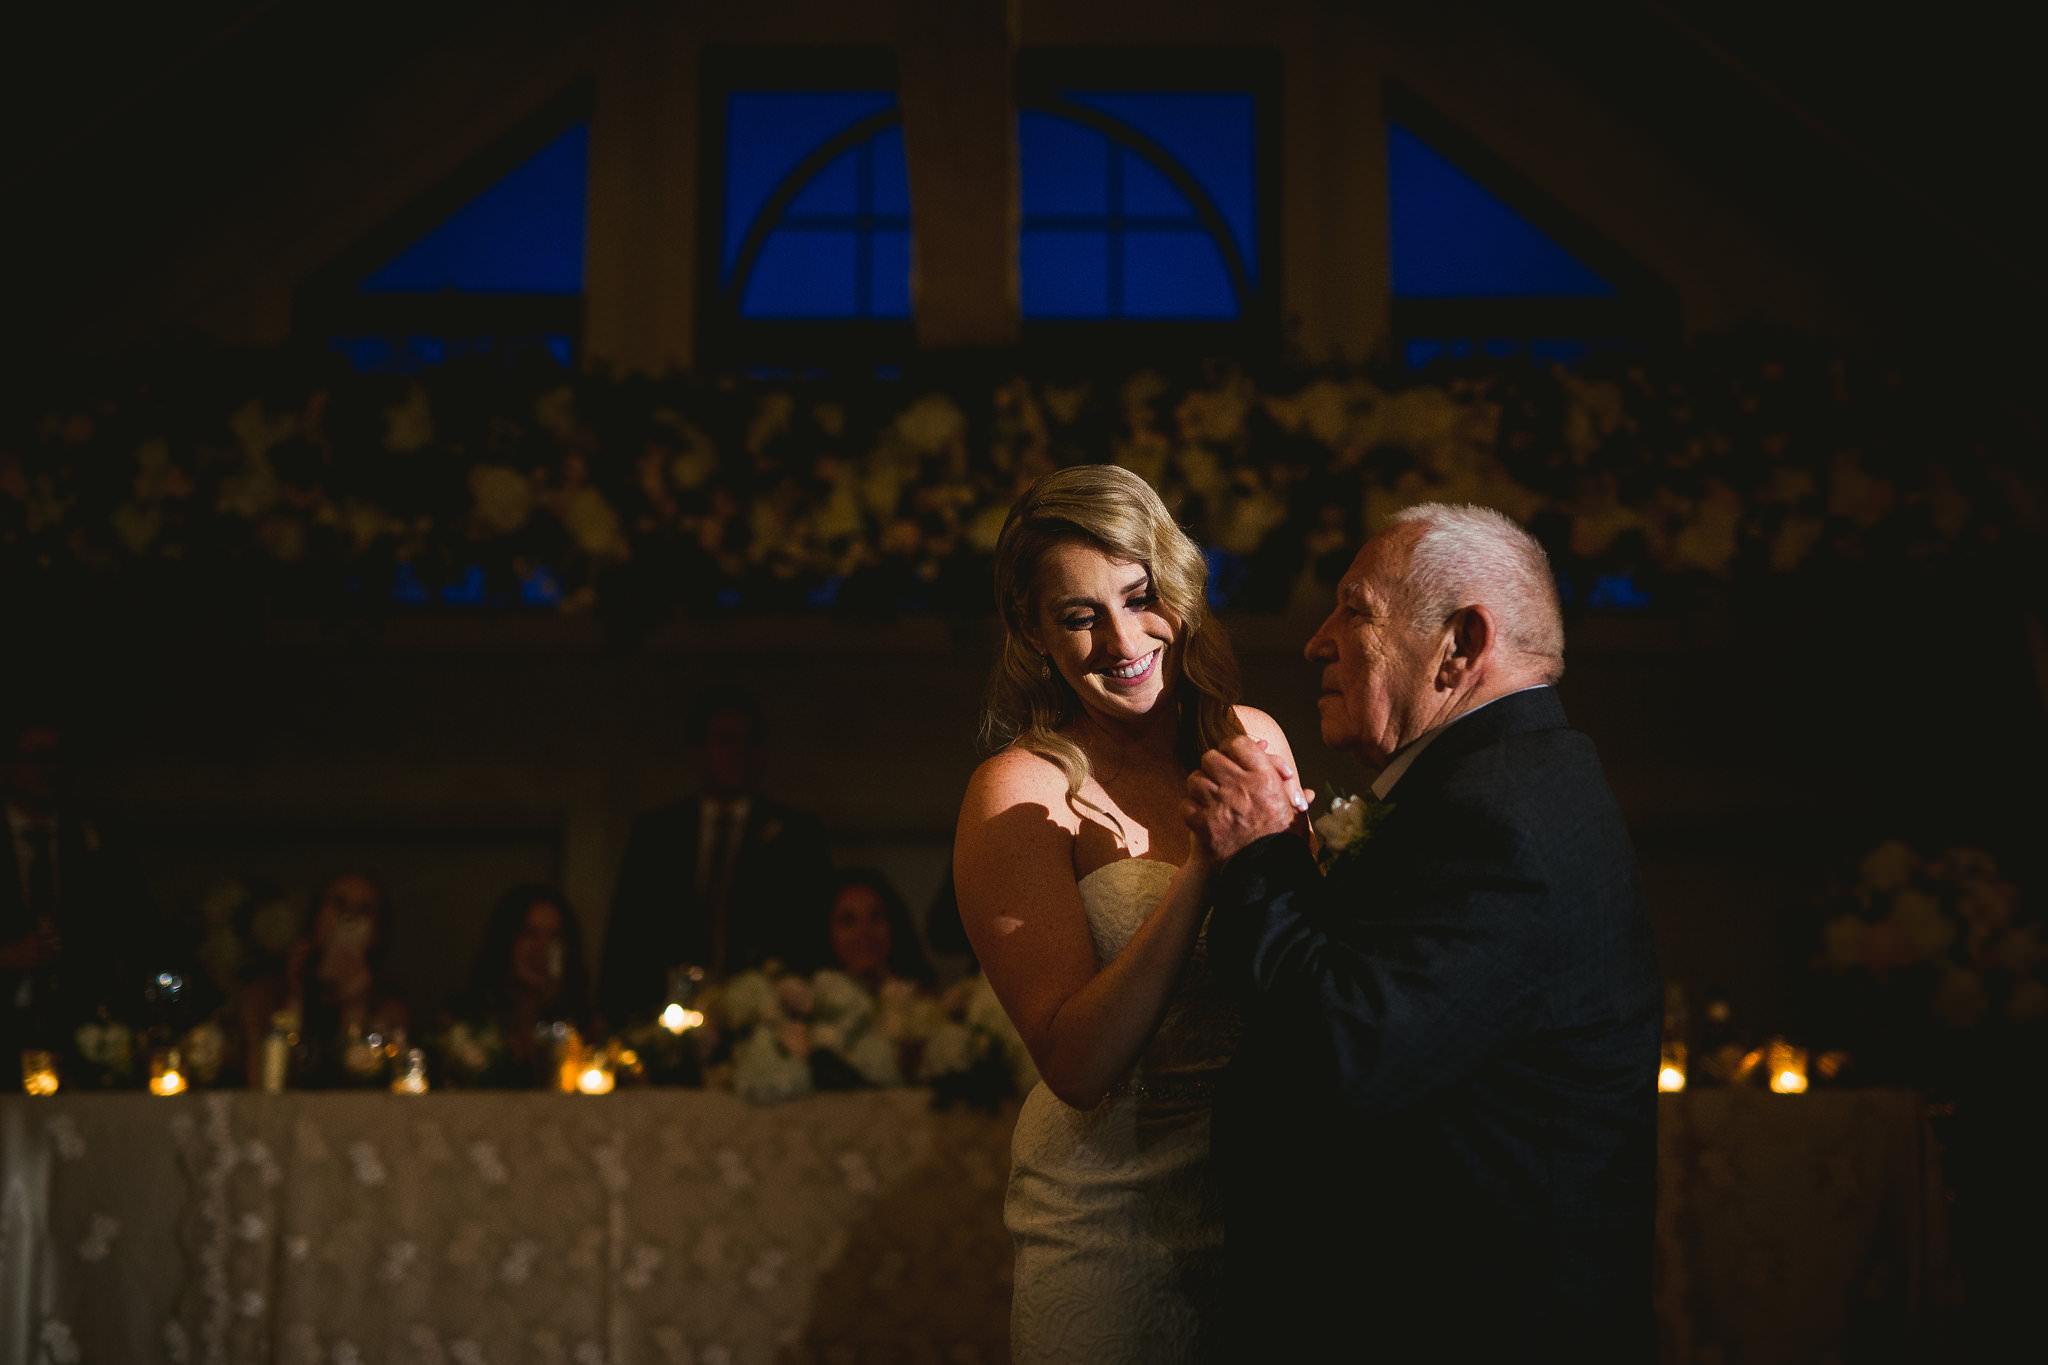 whistlebearweddingphotos 825 - Whistle Bear Wedding Photos